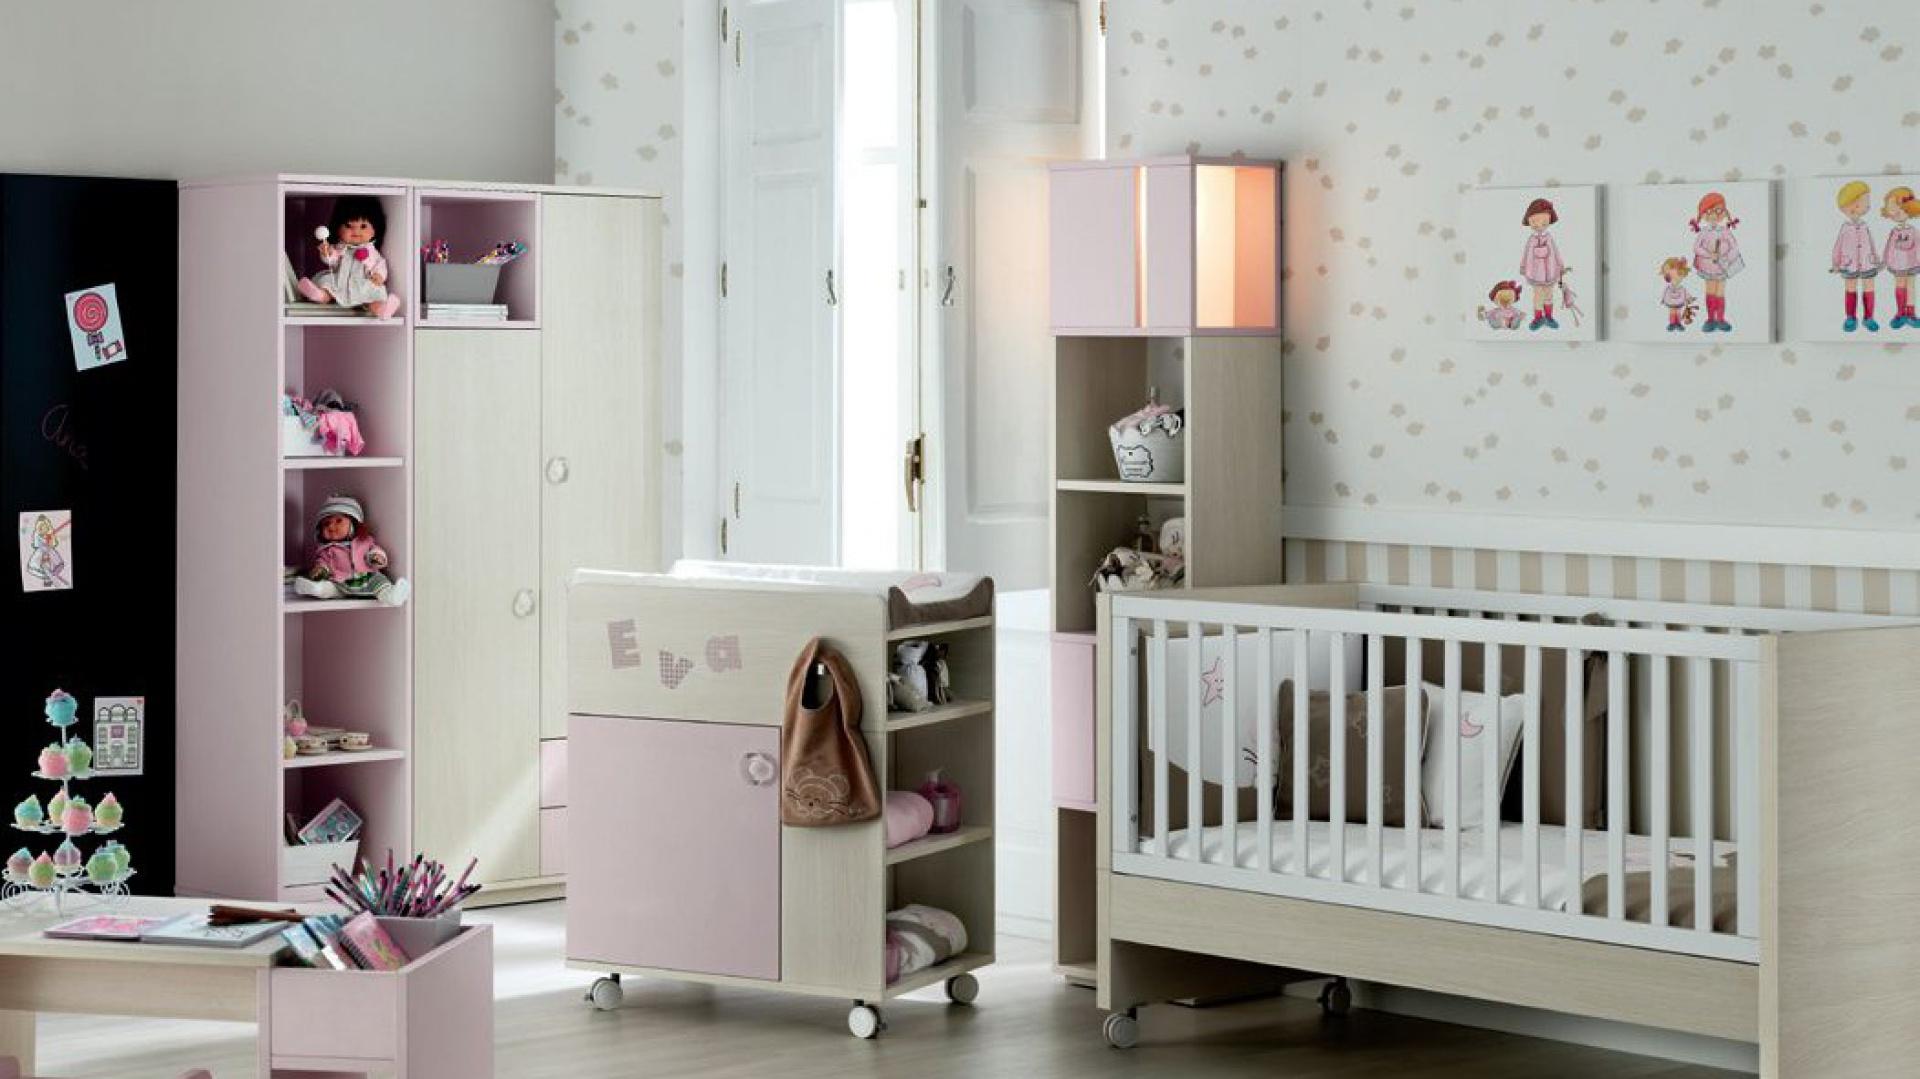 Różowo-beżowy pokoik dla córeczki urozmaica ciemny fragment ściany pokryty farbą magnetyczną. Fot. Ros.